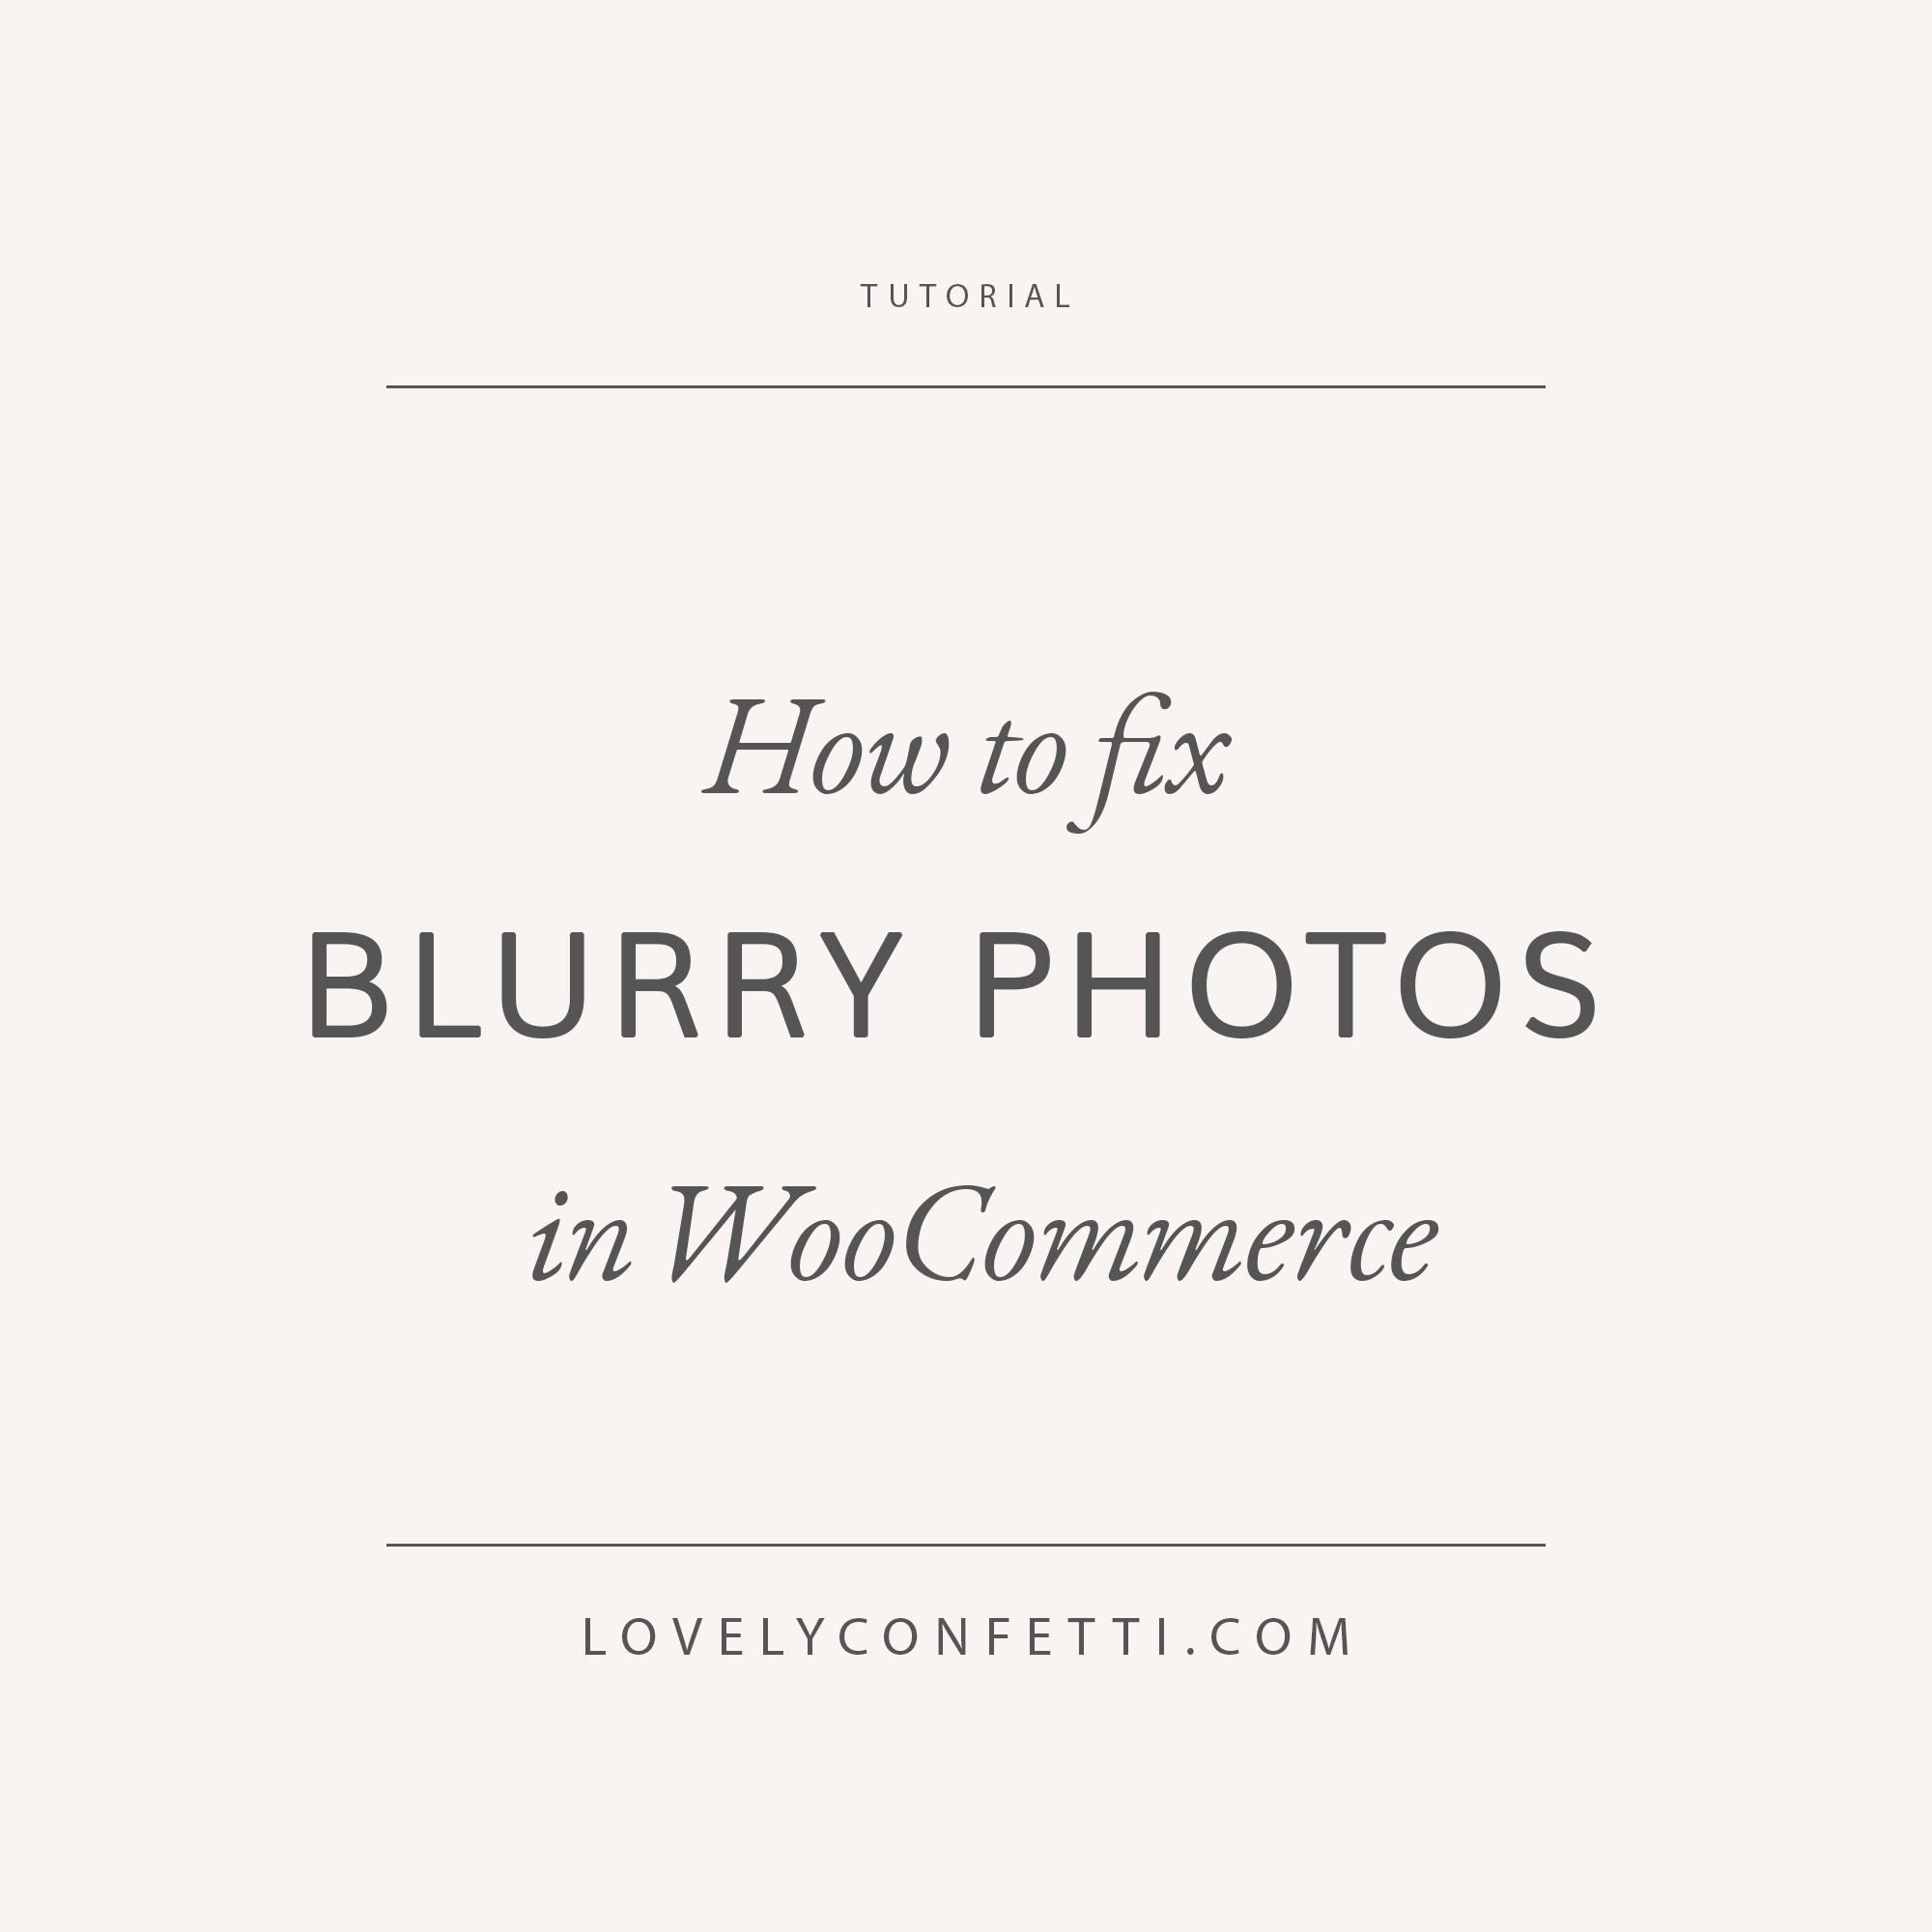 Cómo cambiar las imágenes borrosas en WooCommerce